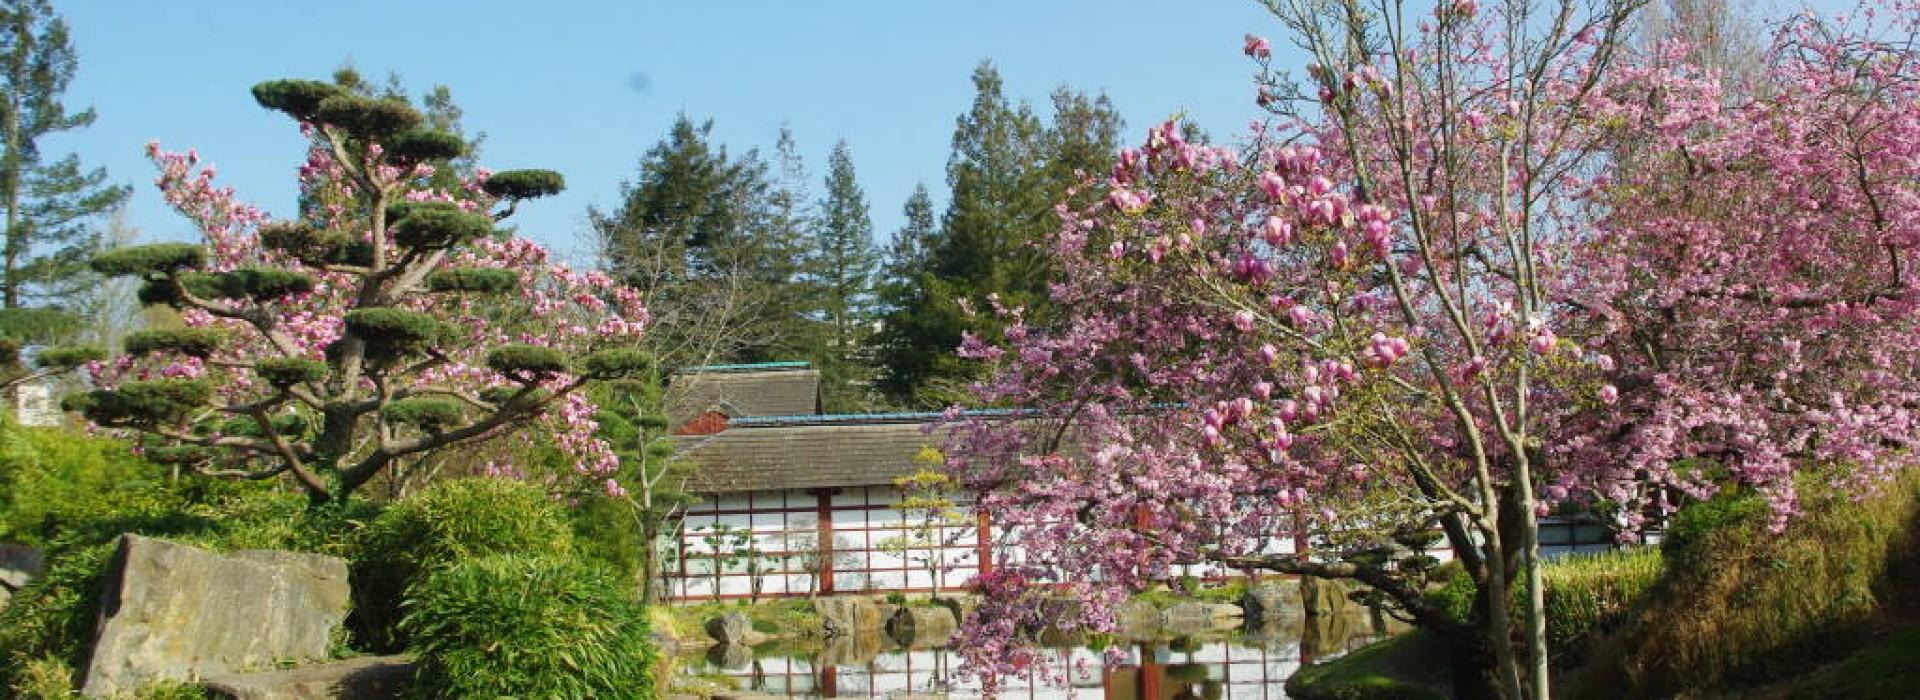 Ile de versailles parcs et jardins en pays de la loire - Une maison un jardin berthenay versailles ...